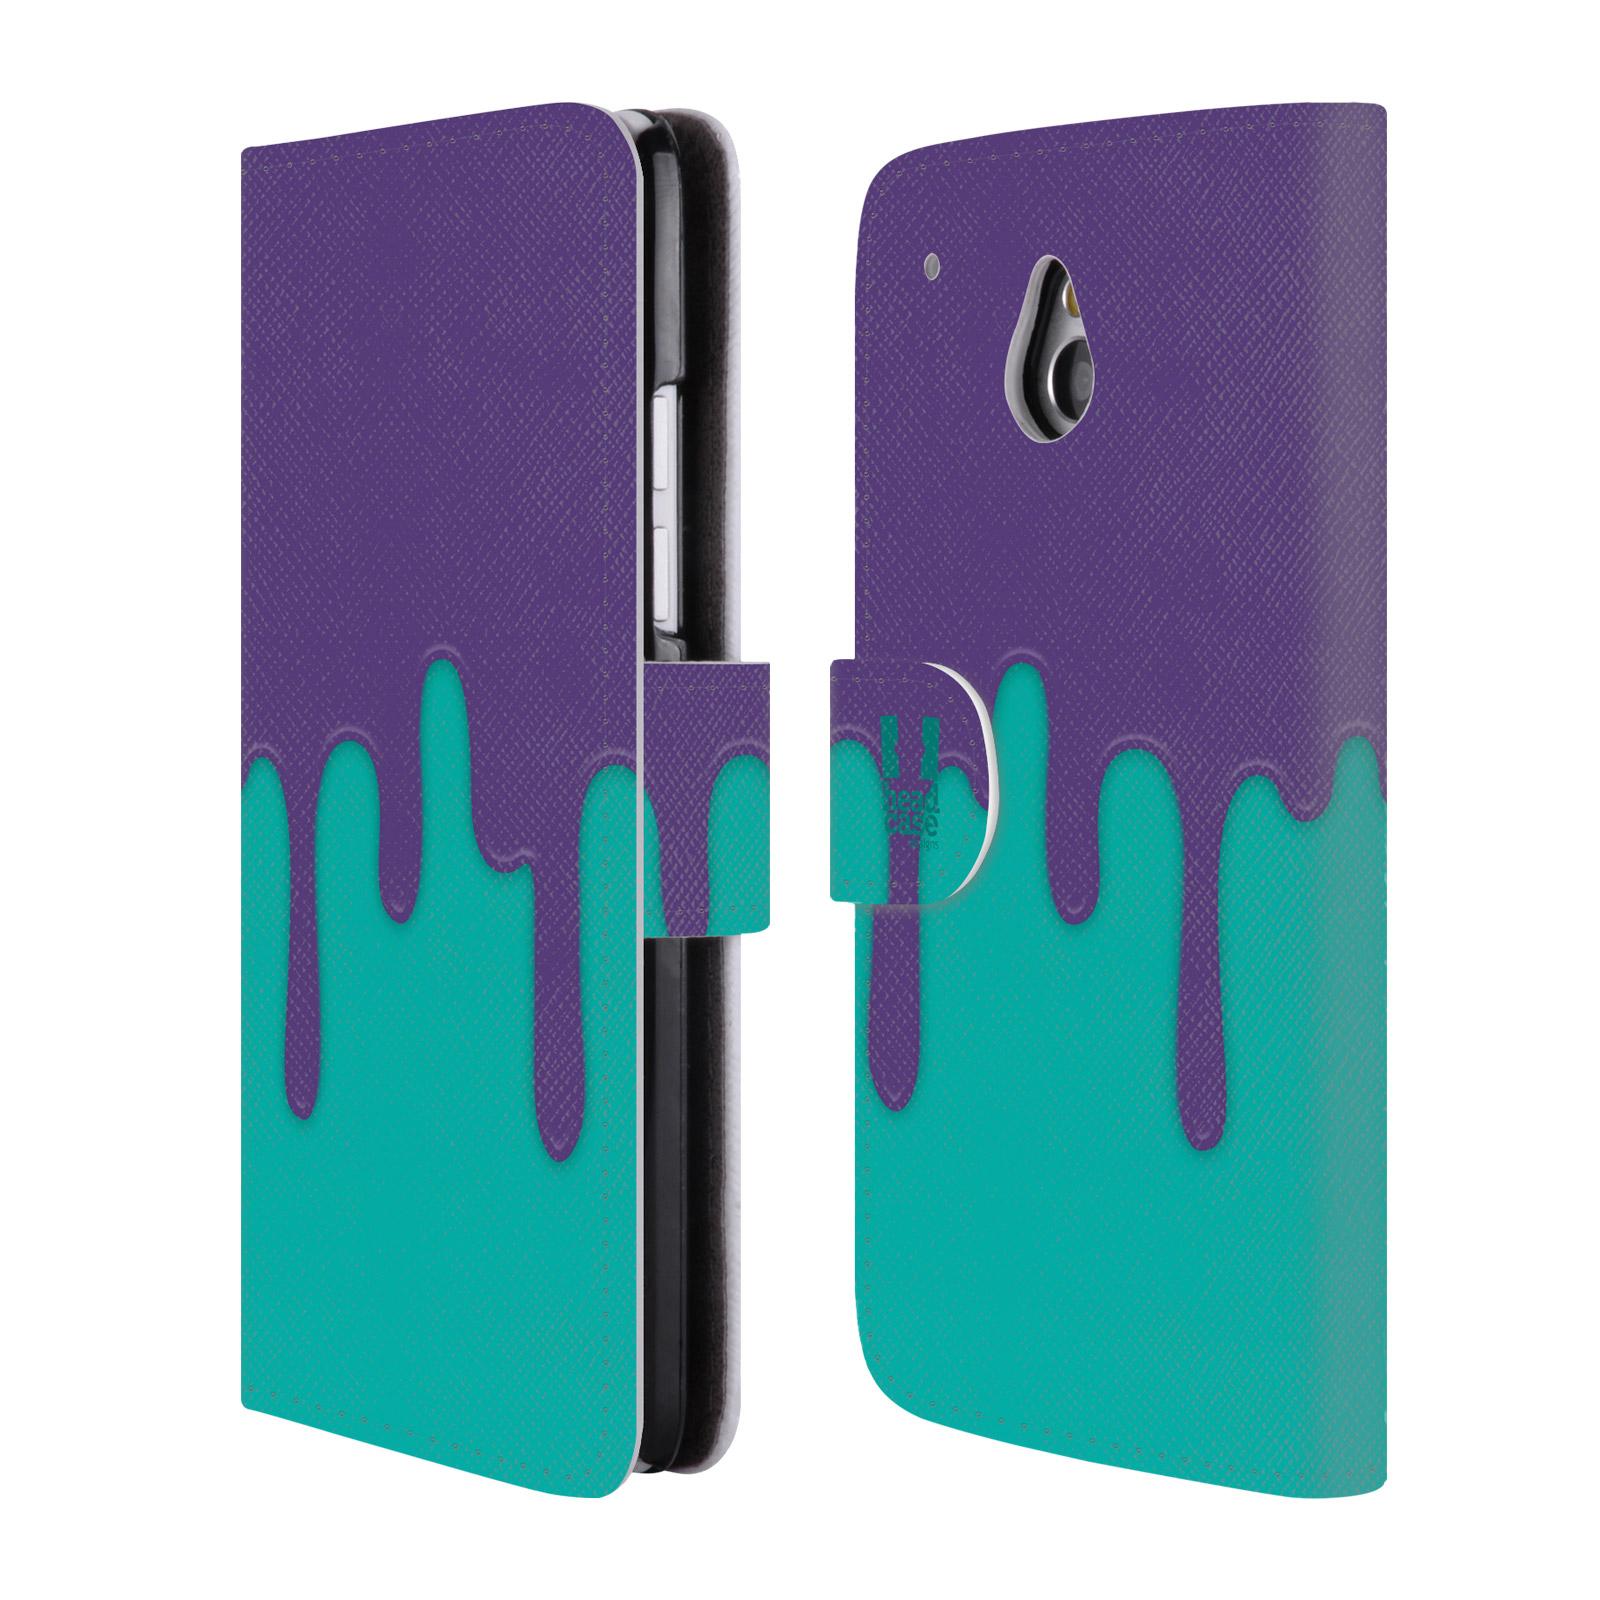 HEAD CASE Flipové pouzdro pro mobil HTC ONE MINI (M4) Rozlitá barva fialová a tyrkysová